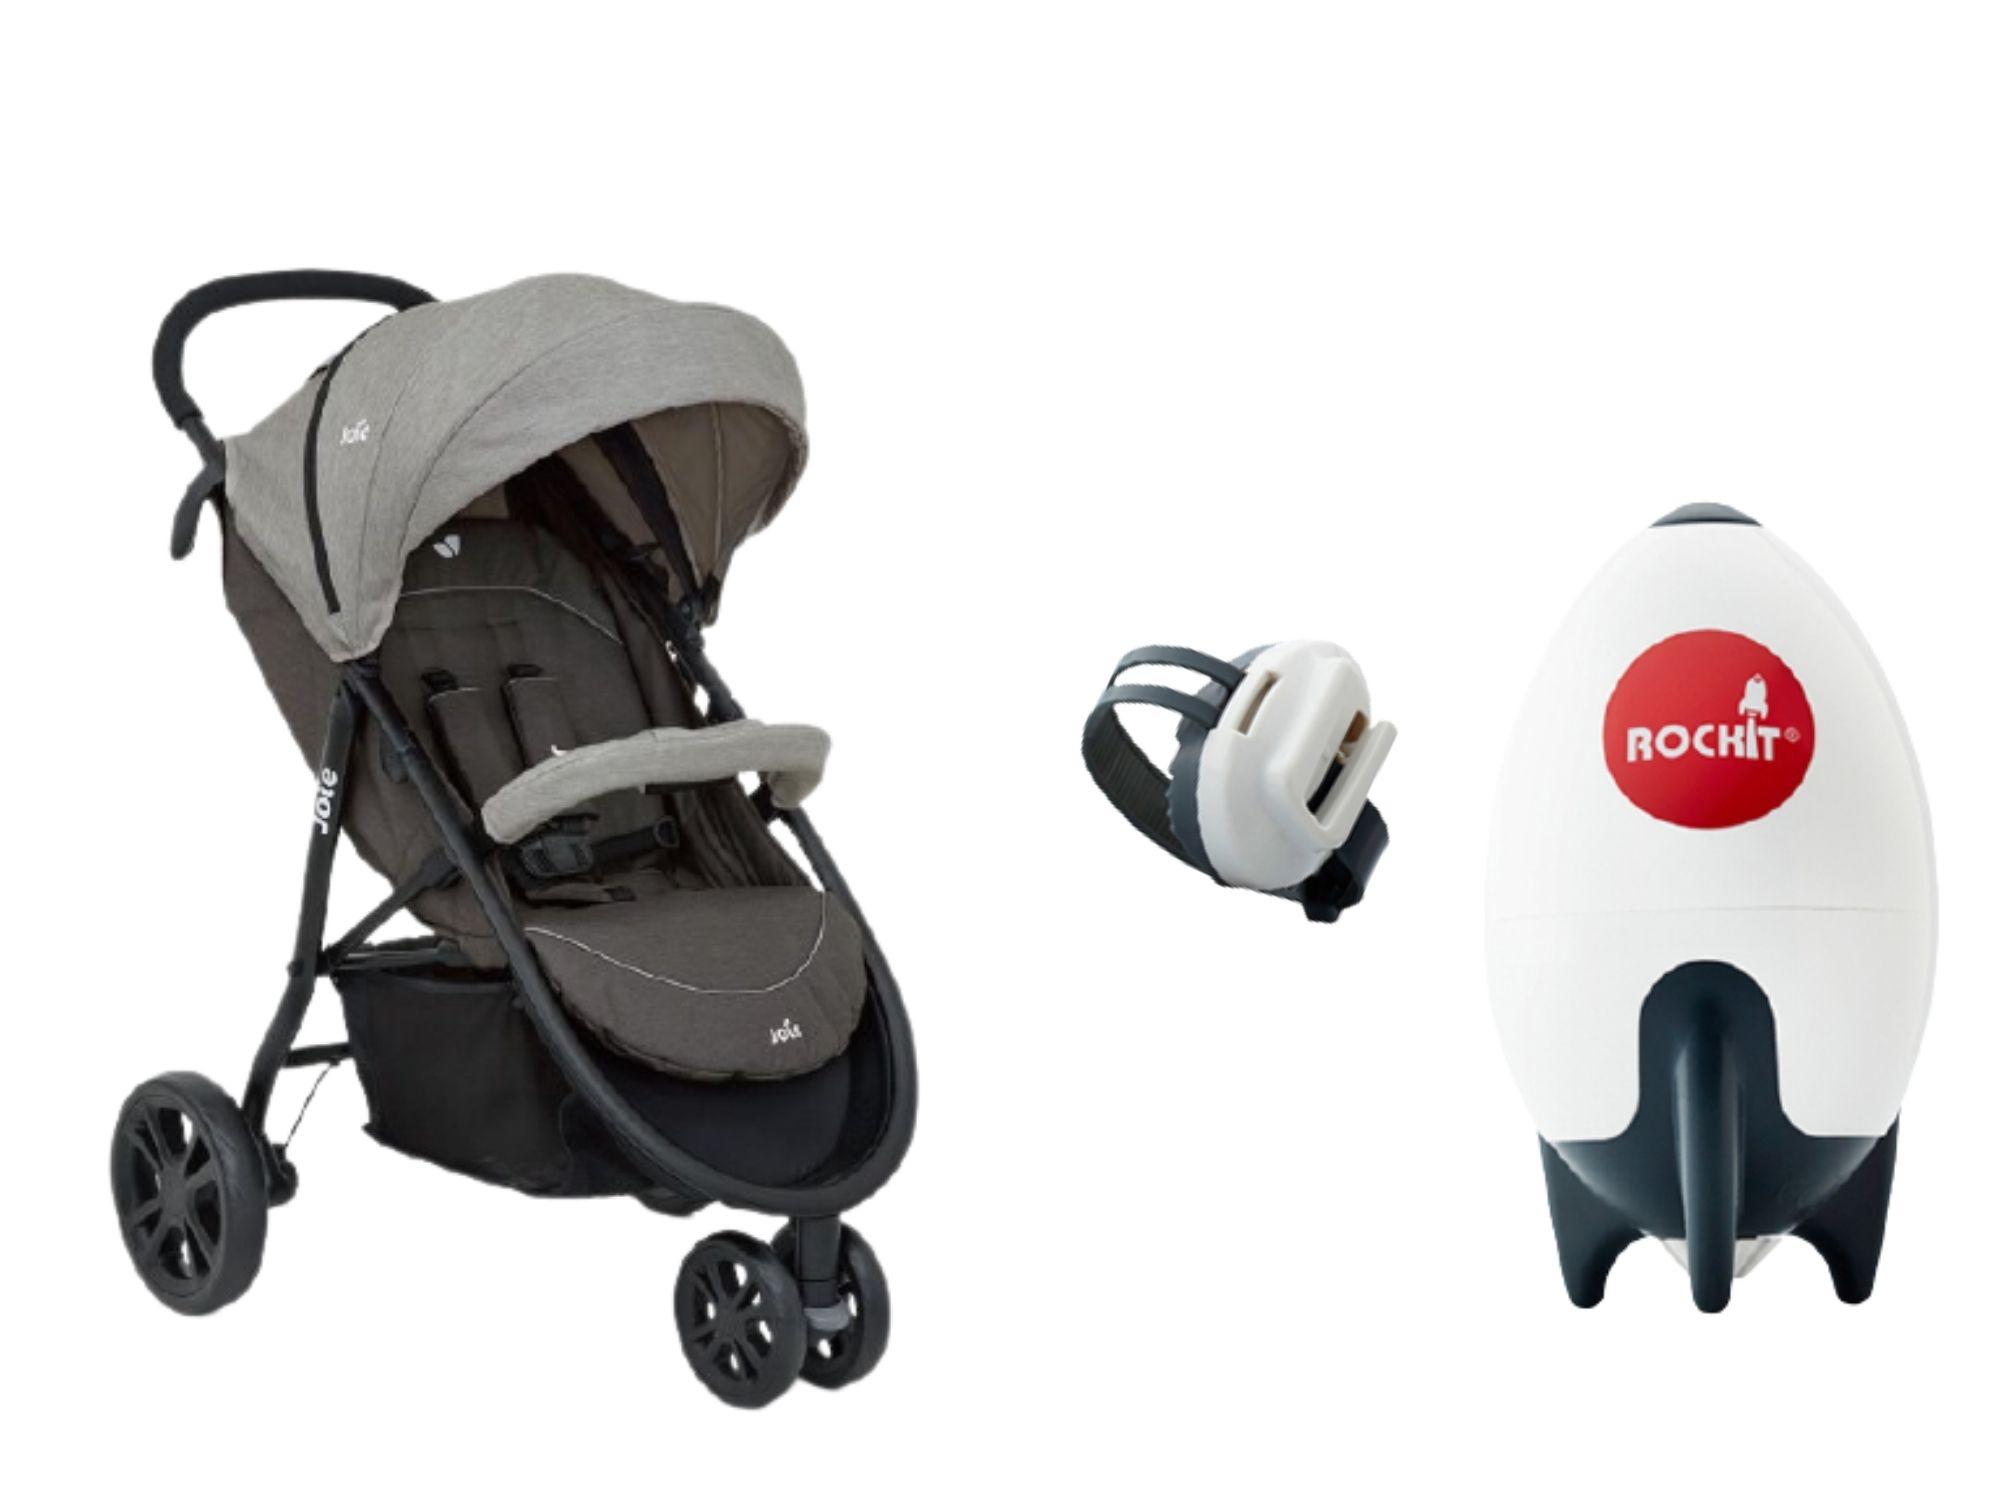 英國 Joie Litetrax 豪華休旅推車/嬰兒推車(限時優惠加購英國 ROCKIT 攜帶式嬰兒推車搖搖安撫火箭)